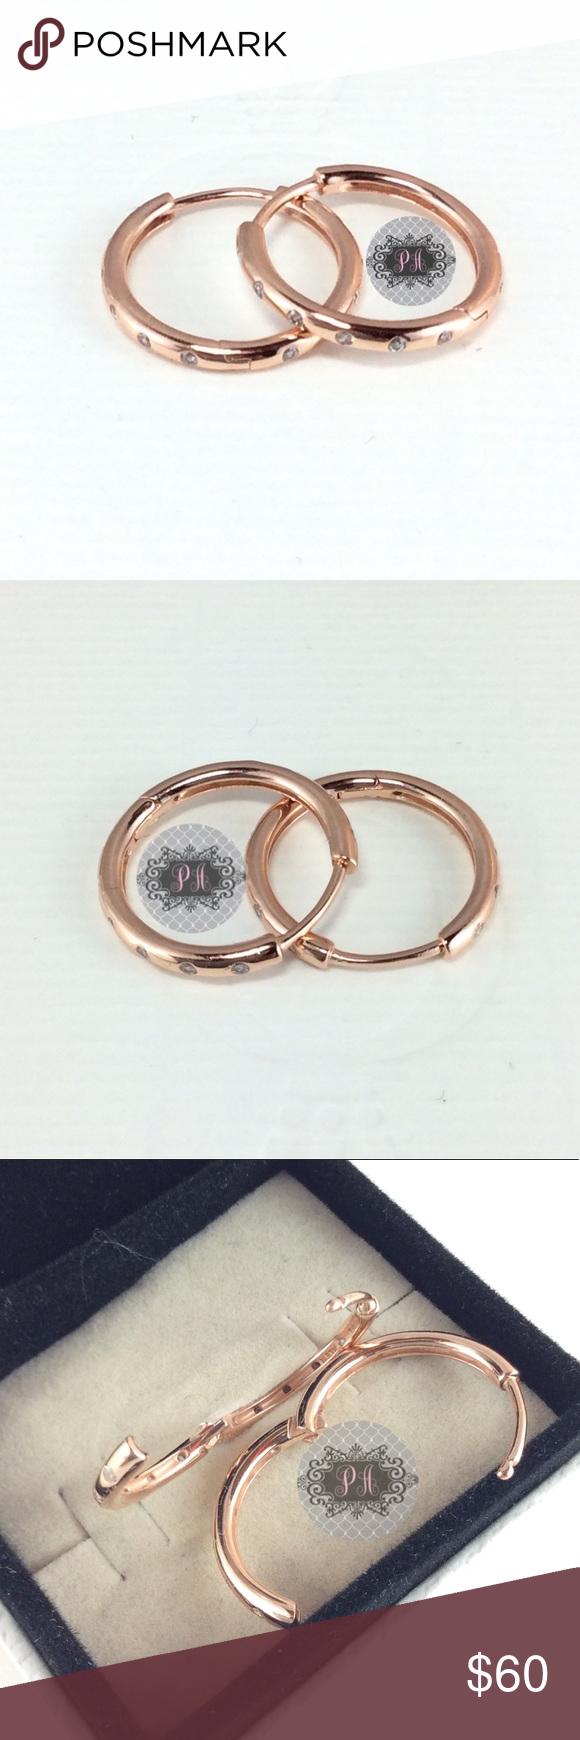 015e2c06e New Pandora Rose Droplets, Clear CZ #286244CZ 100% Authentic Pandora Rose  Gold Droplet